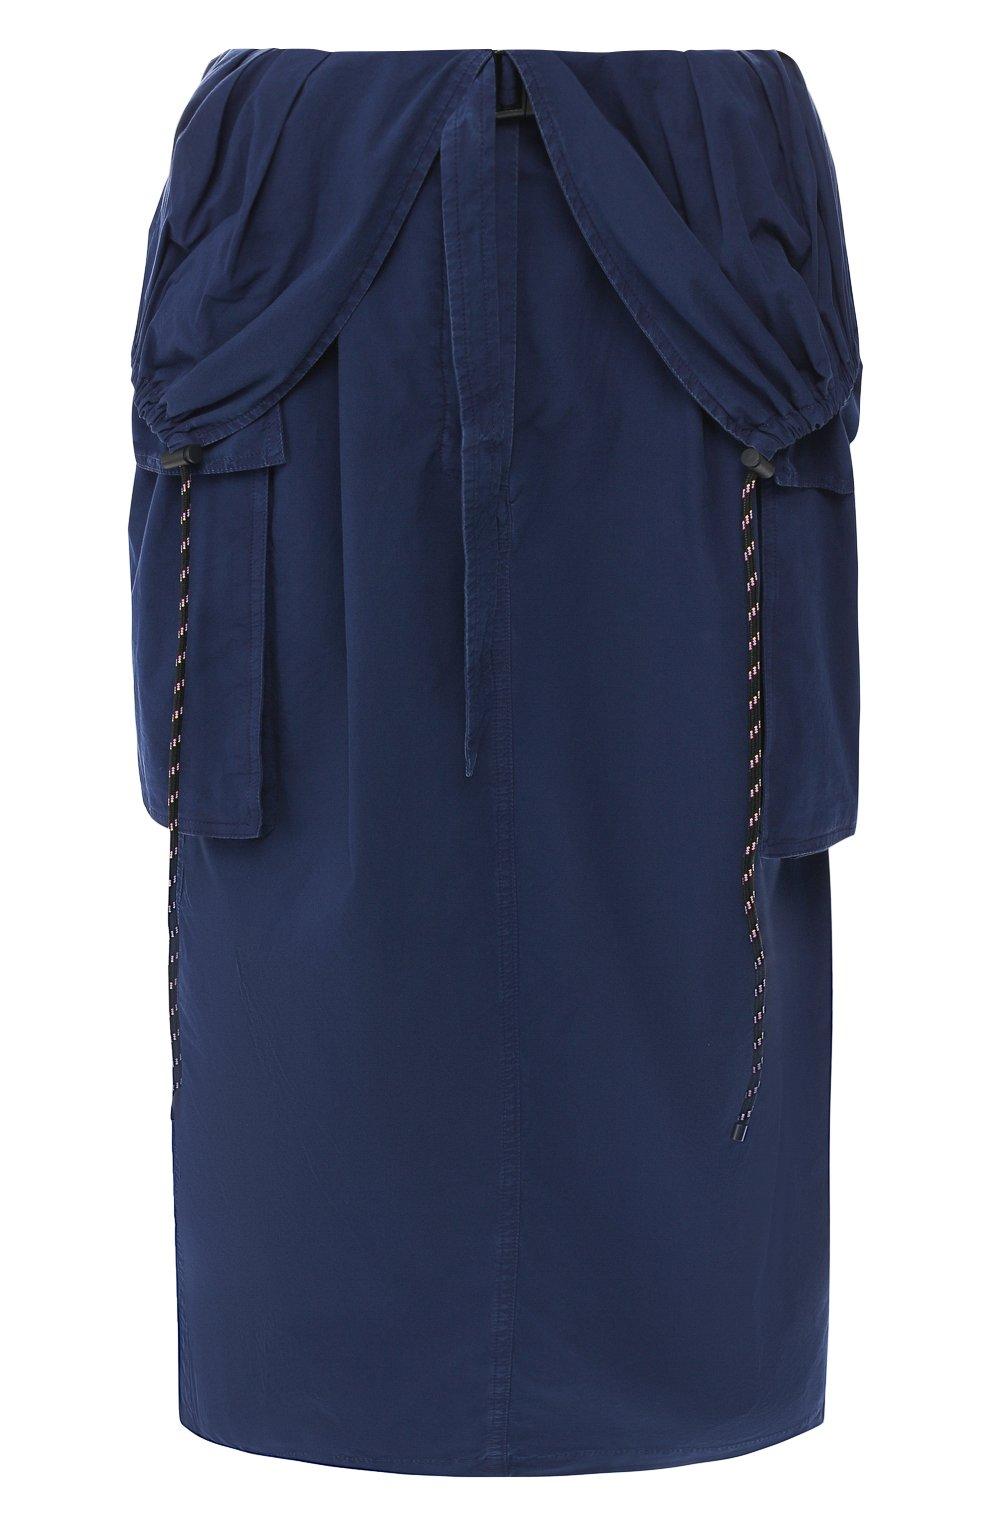 Женская хлопковая юбка DRIES VAN NOTEN синего цвета, арт. 191-10817-7287   Фото 1 (Материал внешний: Хлопок; Длина Ж (юбки, платья, шорты): Миди; Статус проверки: Проверено)